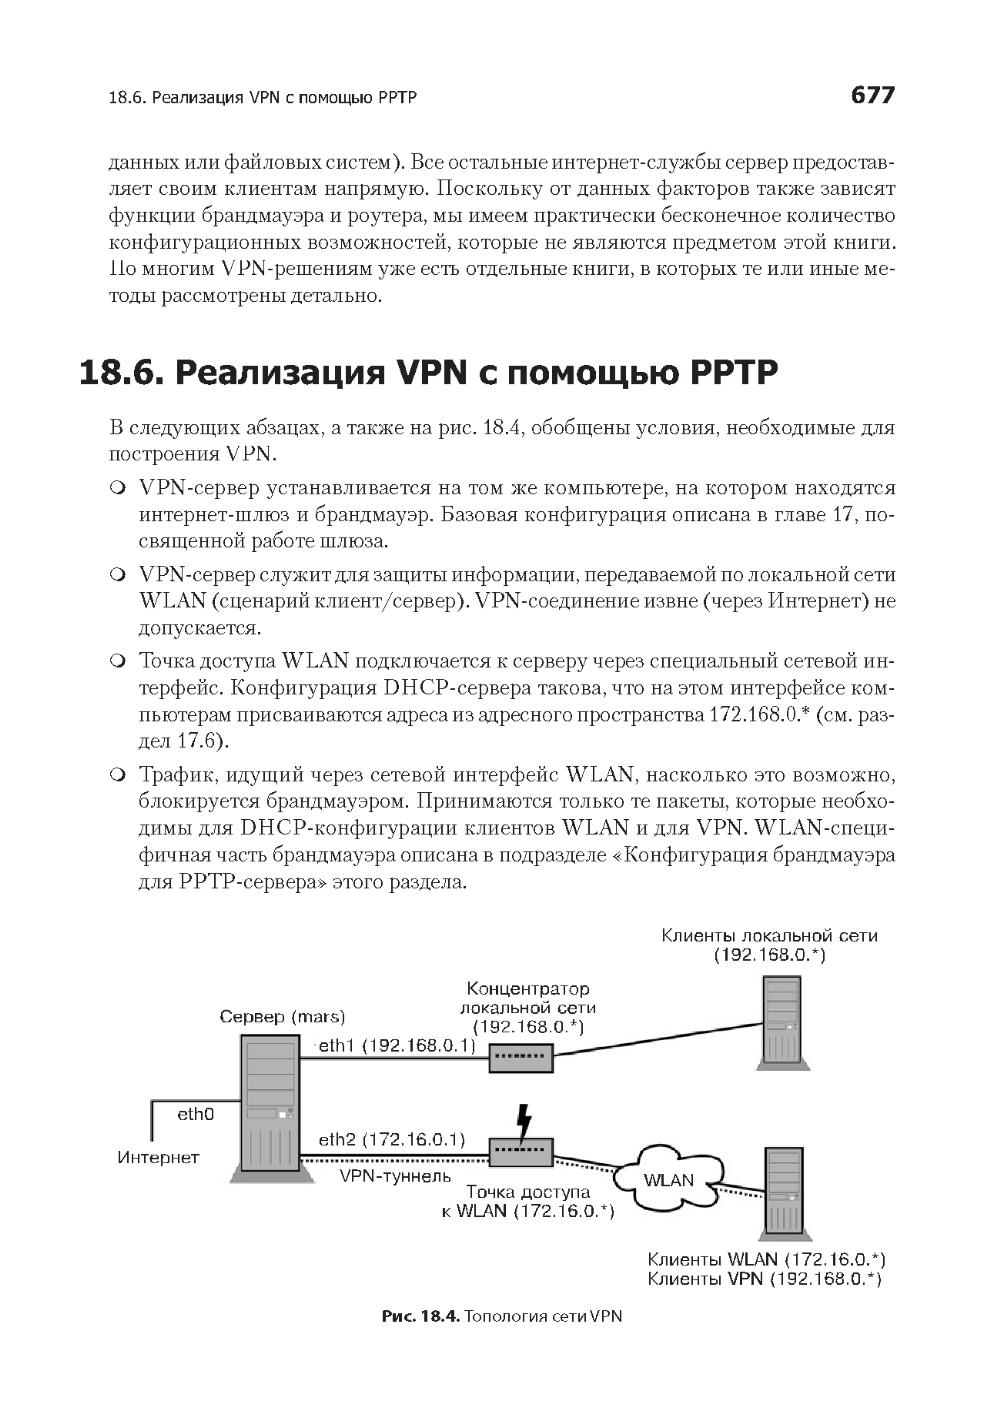 http://i5.imageban.ru/out/2014/01/23/0bf0b108ce4ef7b0433caac6f68ae2d3.jpg